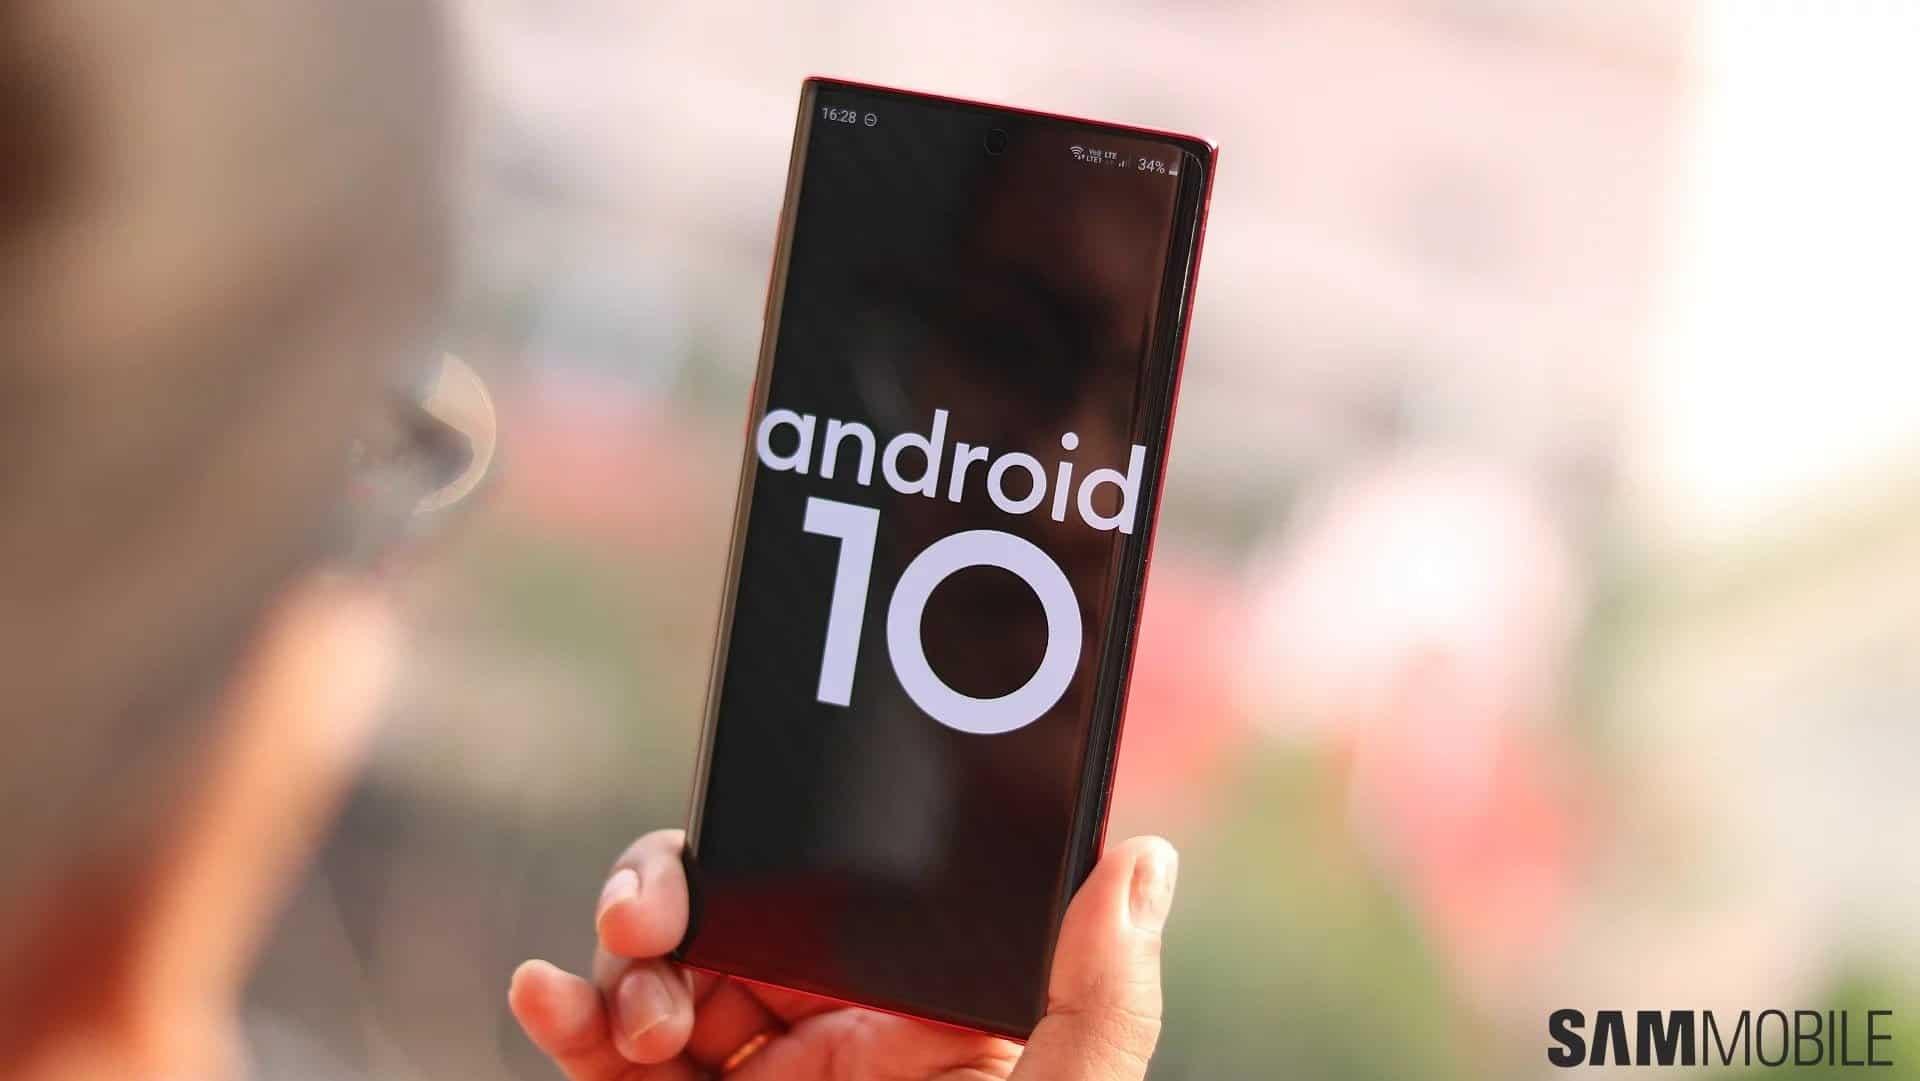 Samsung Galaxy Note 10 Android 10 Update erhält Freigabe 12 techboys.de • smarte News, auf den Punkt! Samsung Galaxy Note 10 Android 10 Update erhält Freigabe